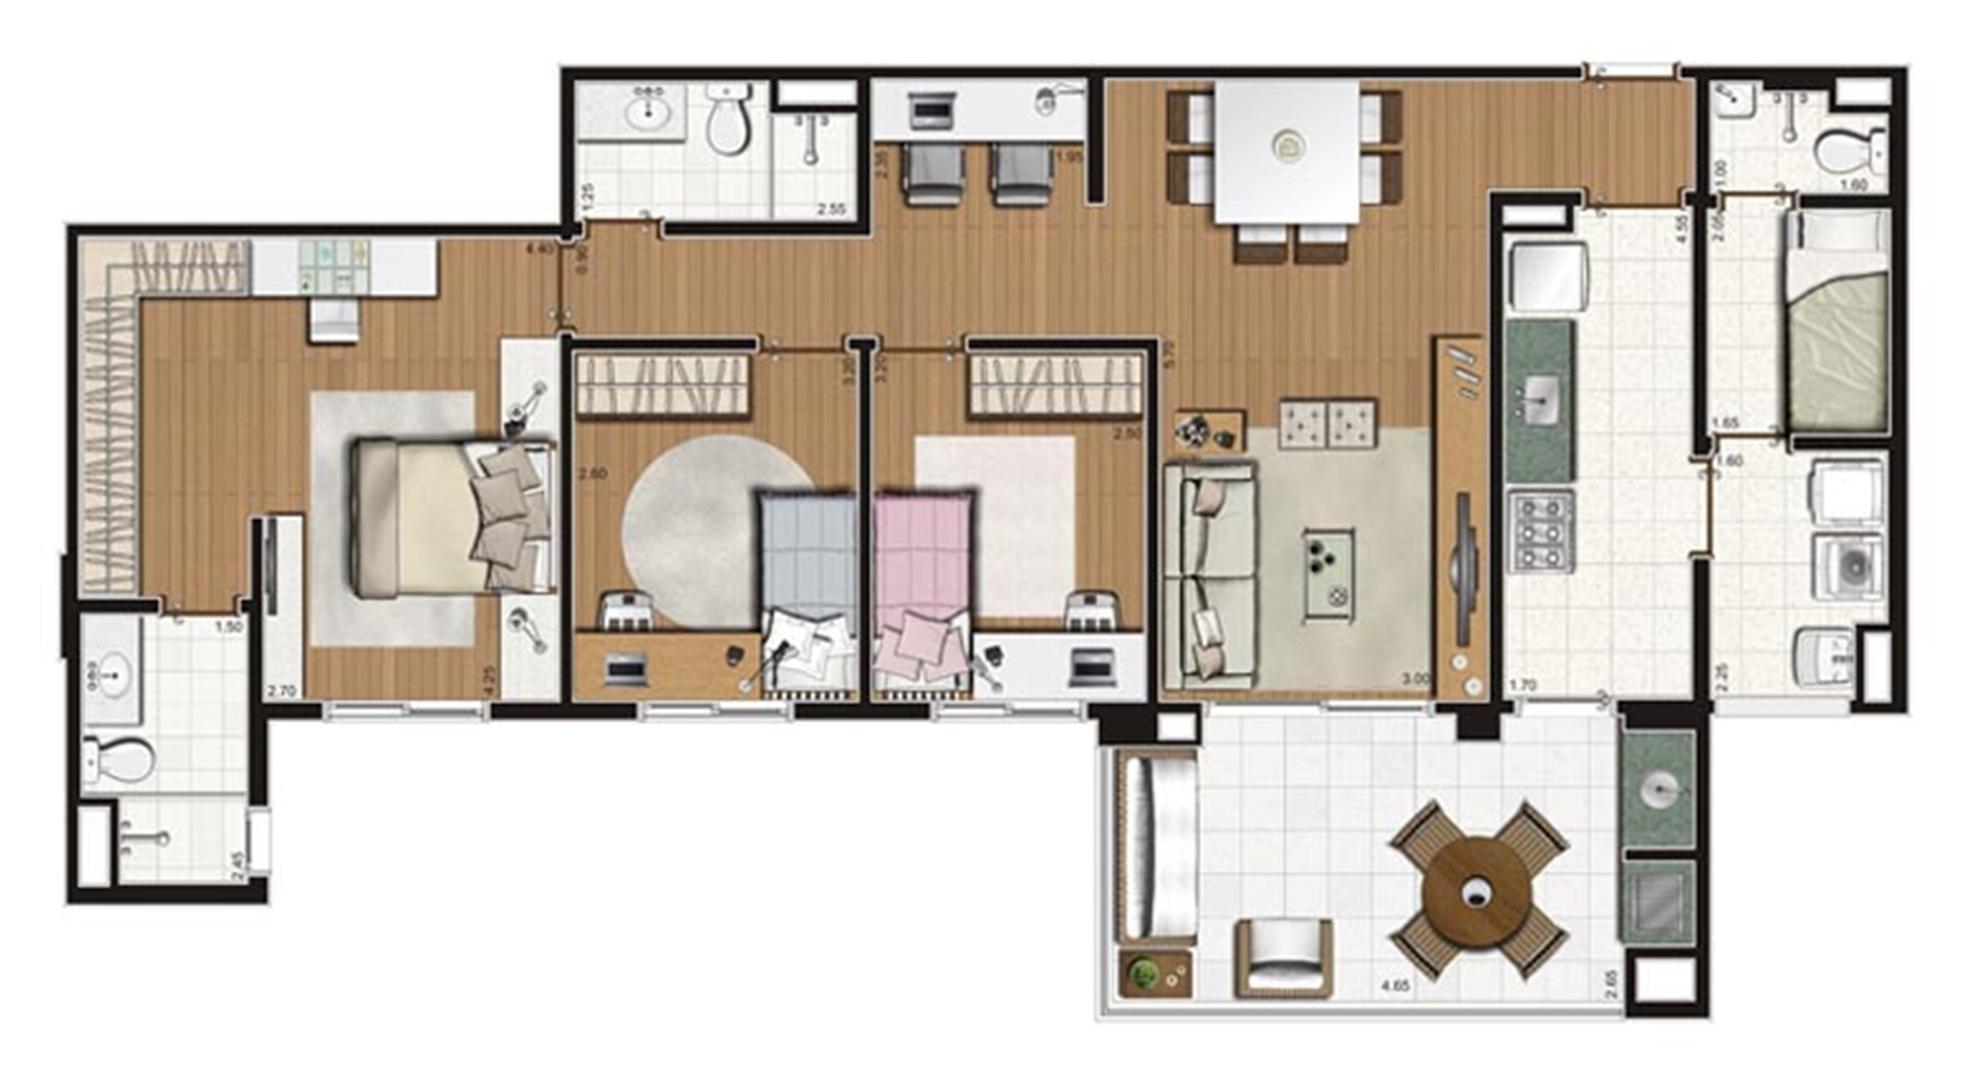 Planta-tipo apartamento de 112 m² privativos 3 dorms (1 suíte) | Luzes da Mooca - Villaggio Luna – Apartamento na  Mooca - São Paulo - São Paulo